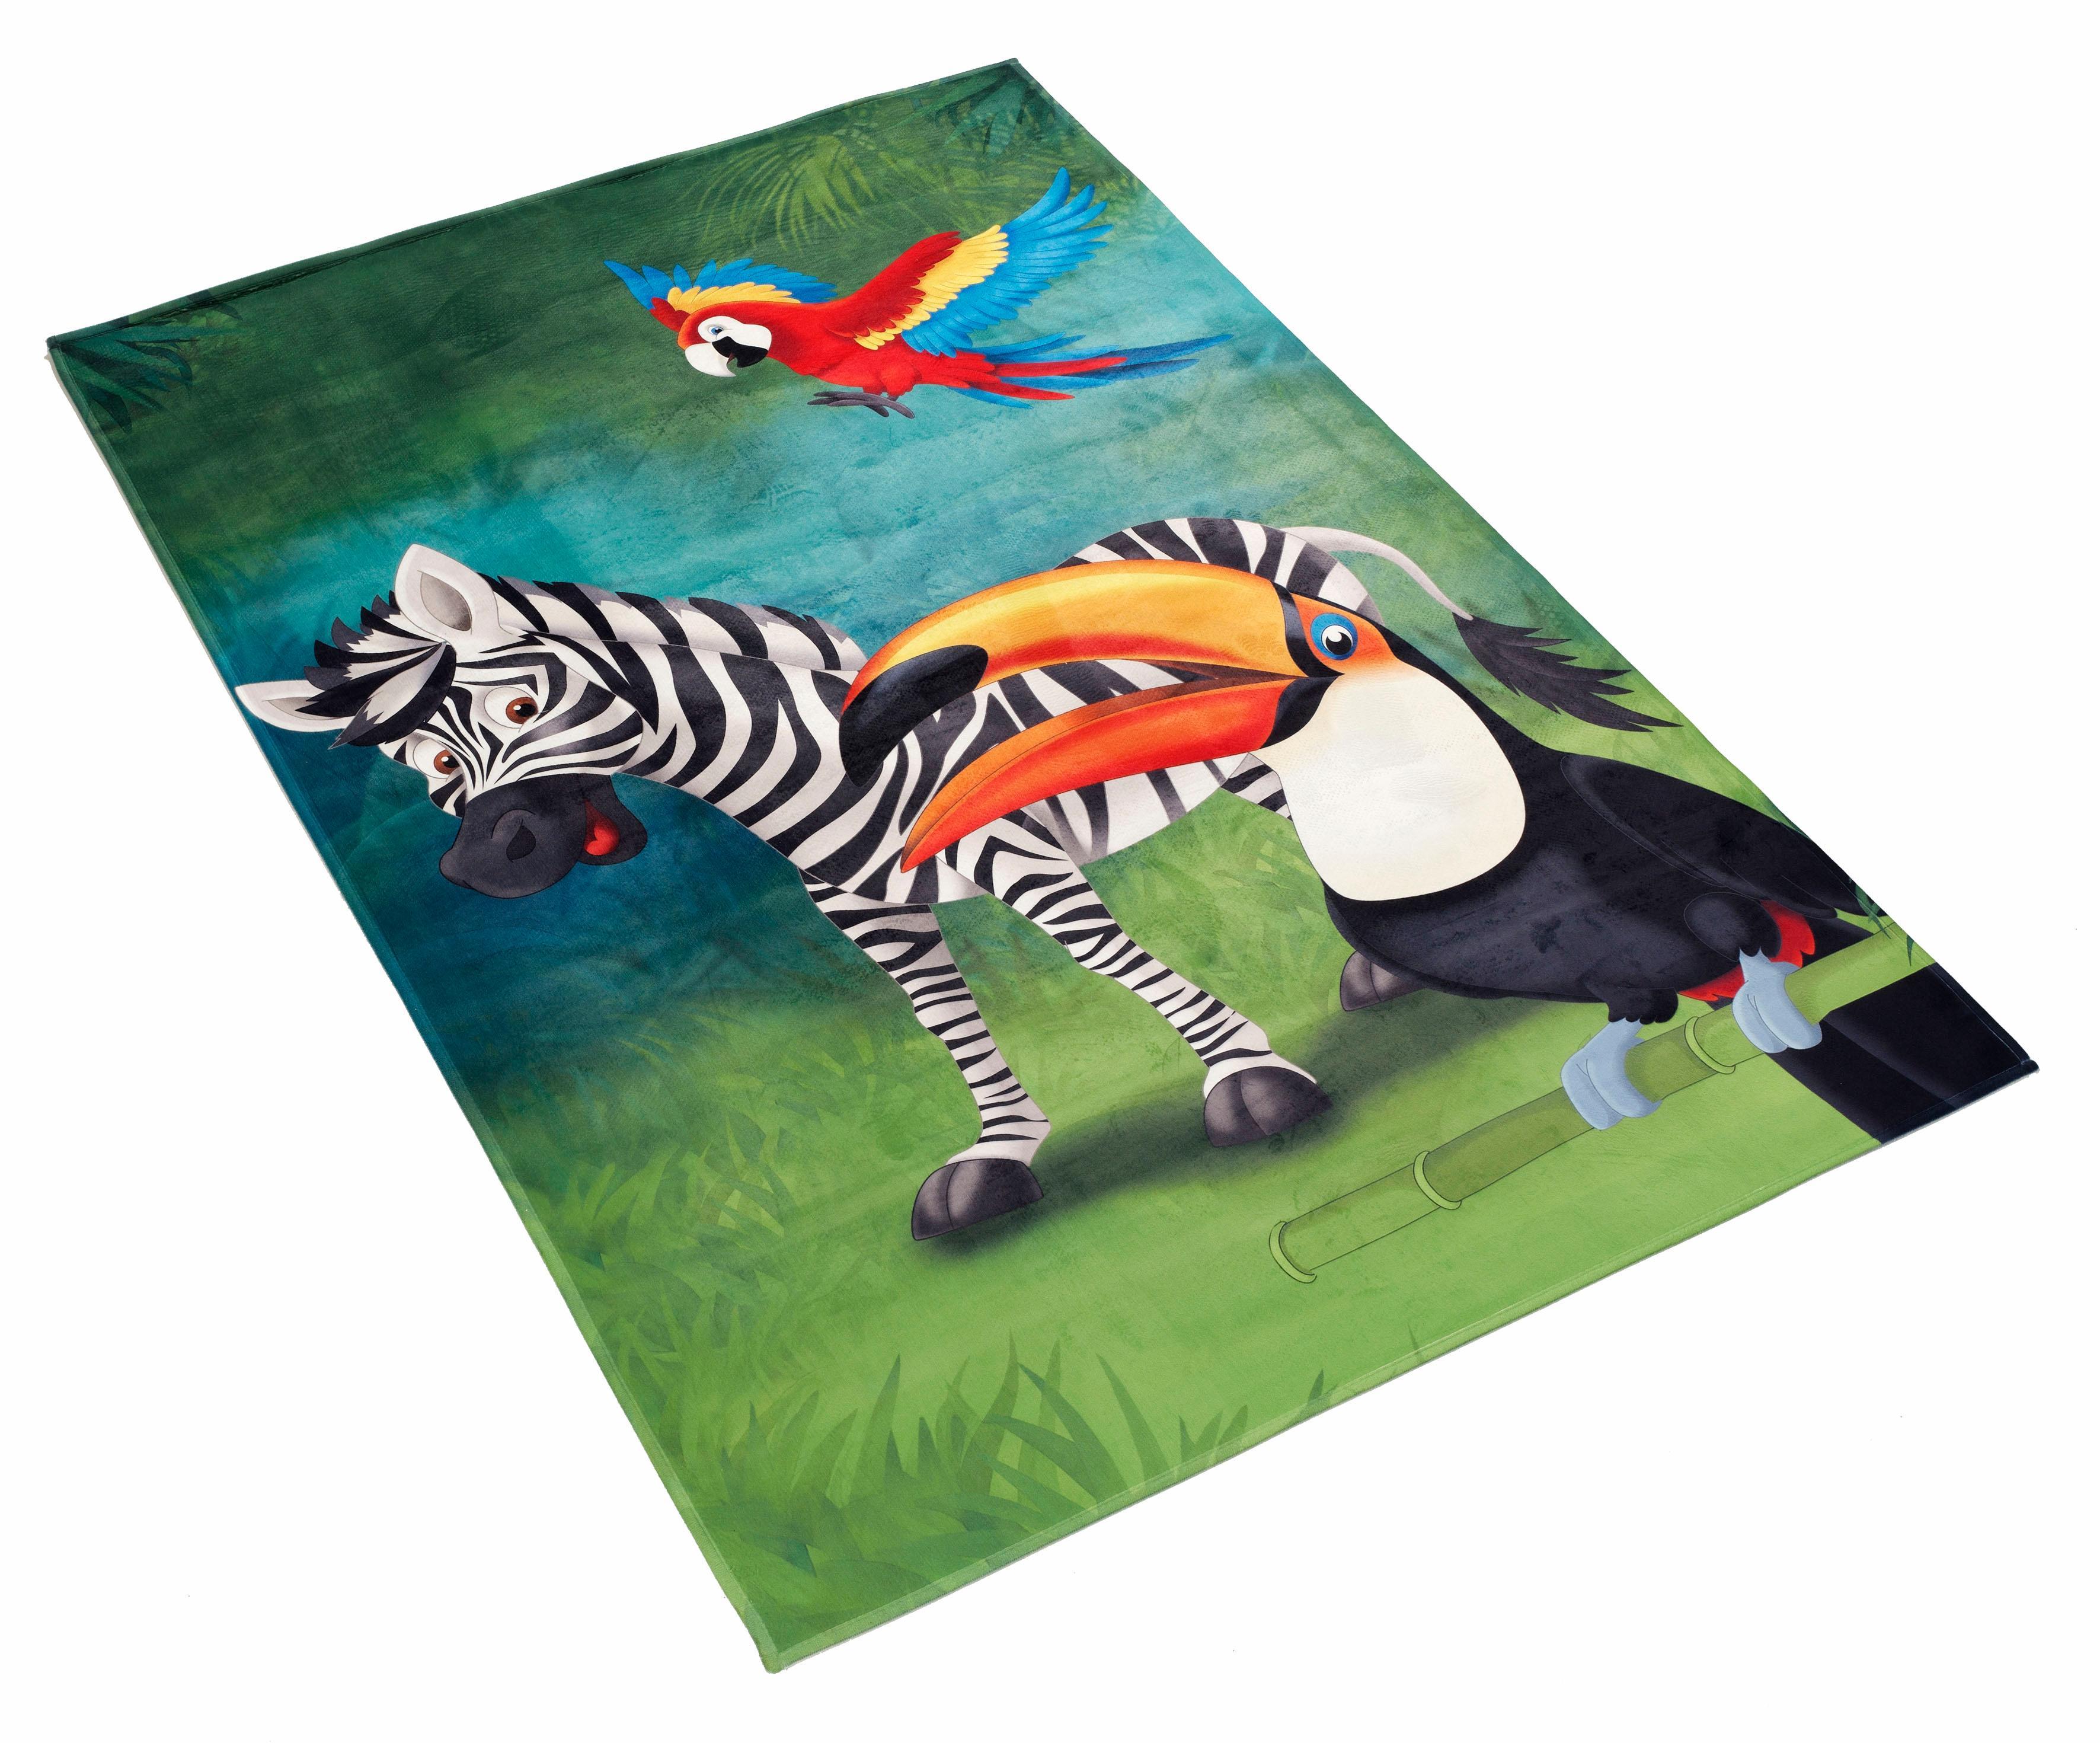 Kinderteppich Lovely Kids 402 Böing Carpet rechteckig Höhe 6 mm gedruckt